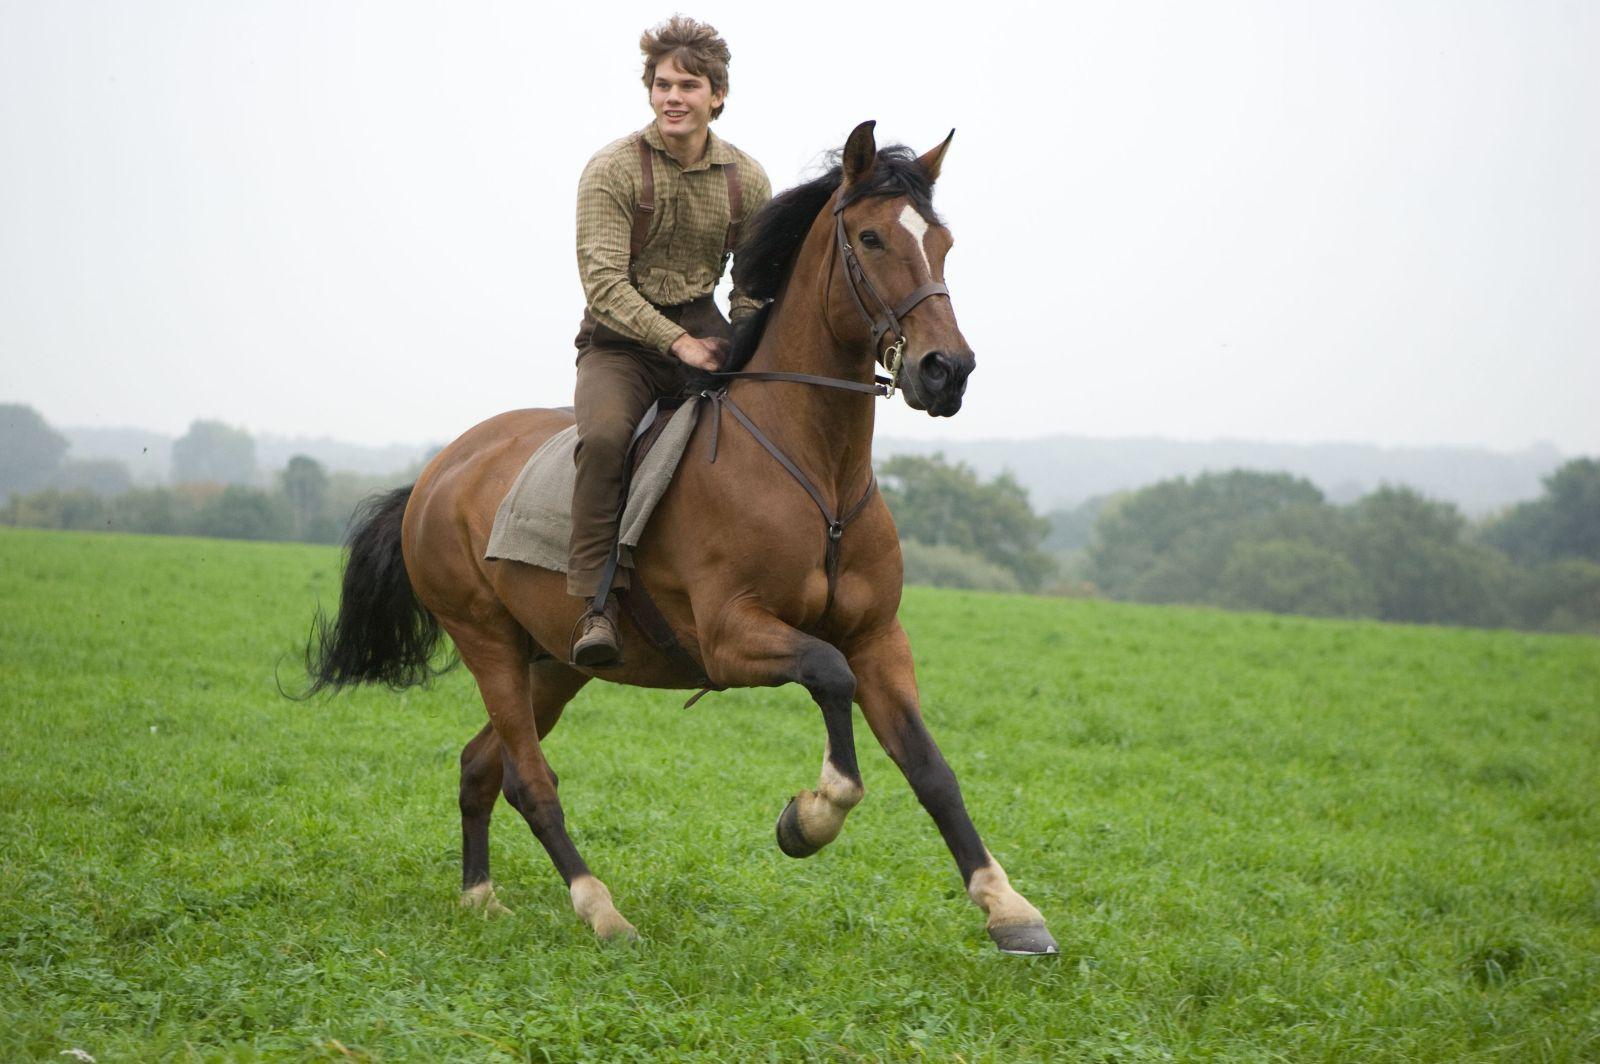 http://popculturenerd.com/wp-content/uploads/2011/12/war-horse-andrew-cooper.jpg